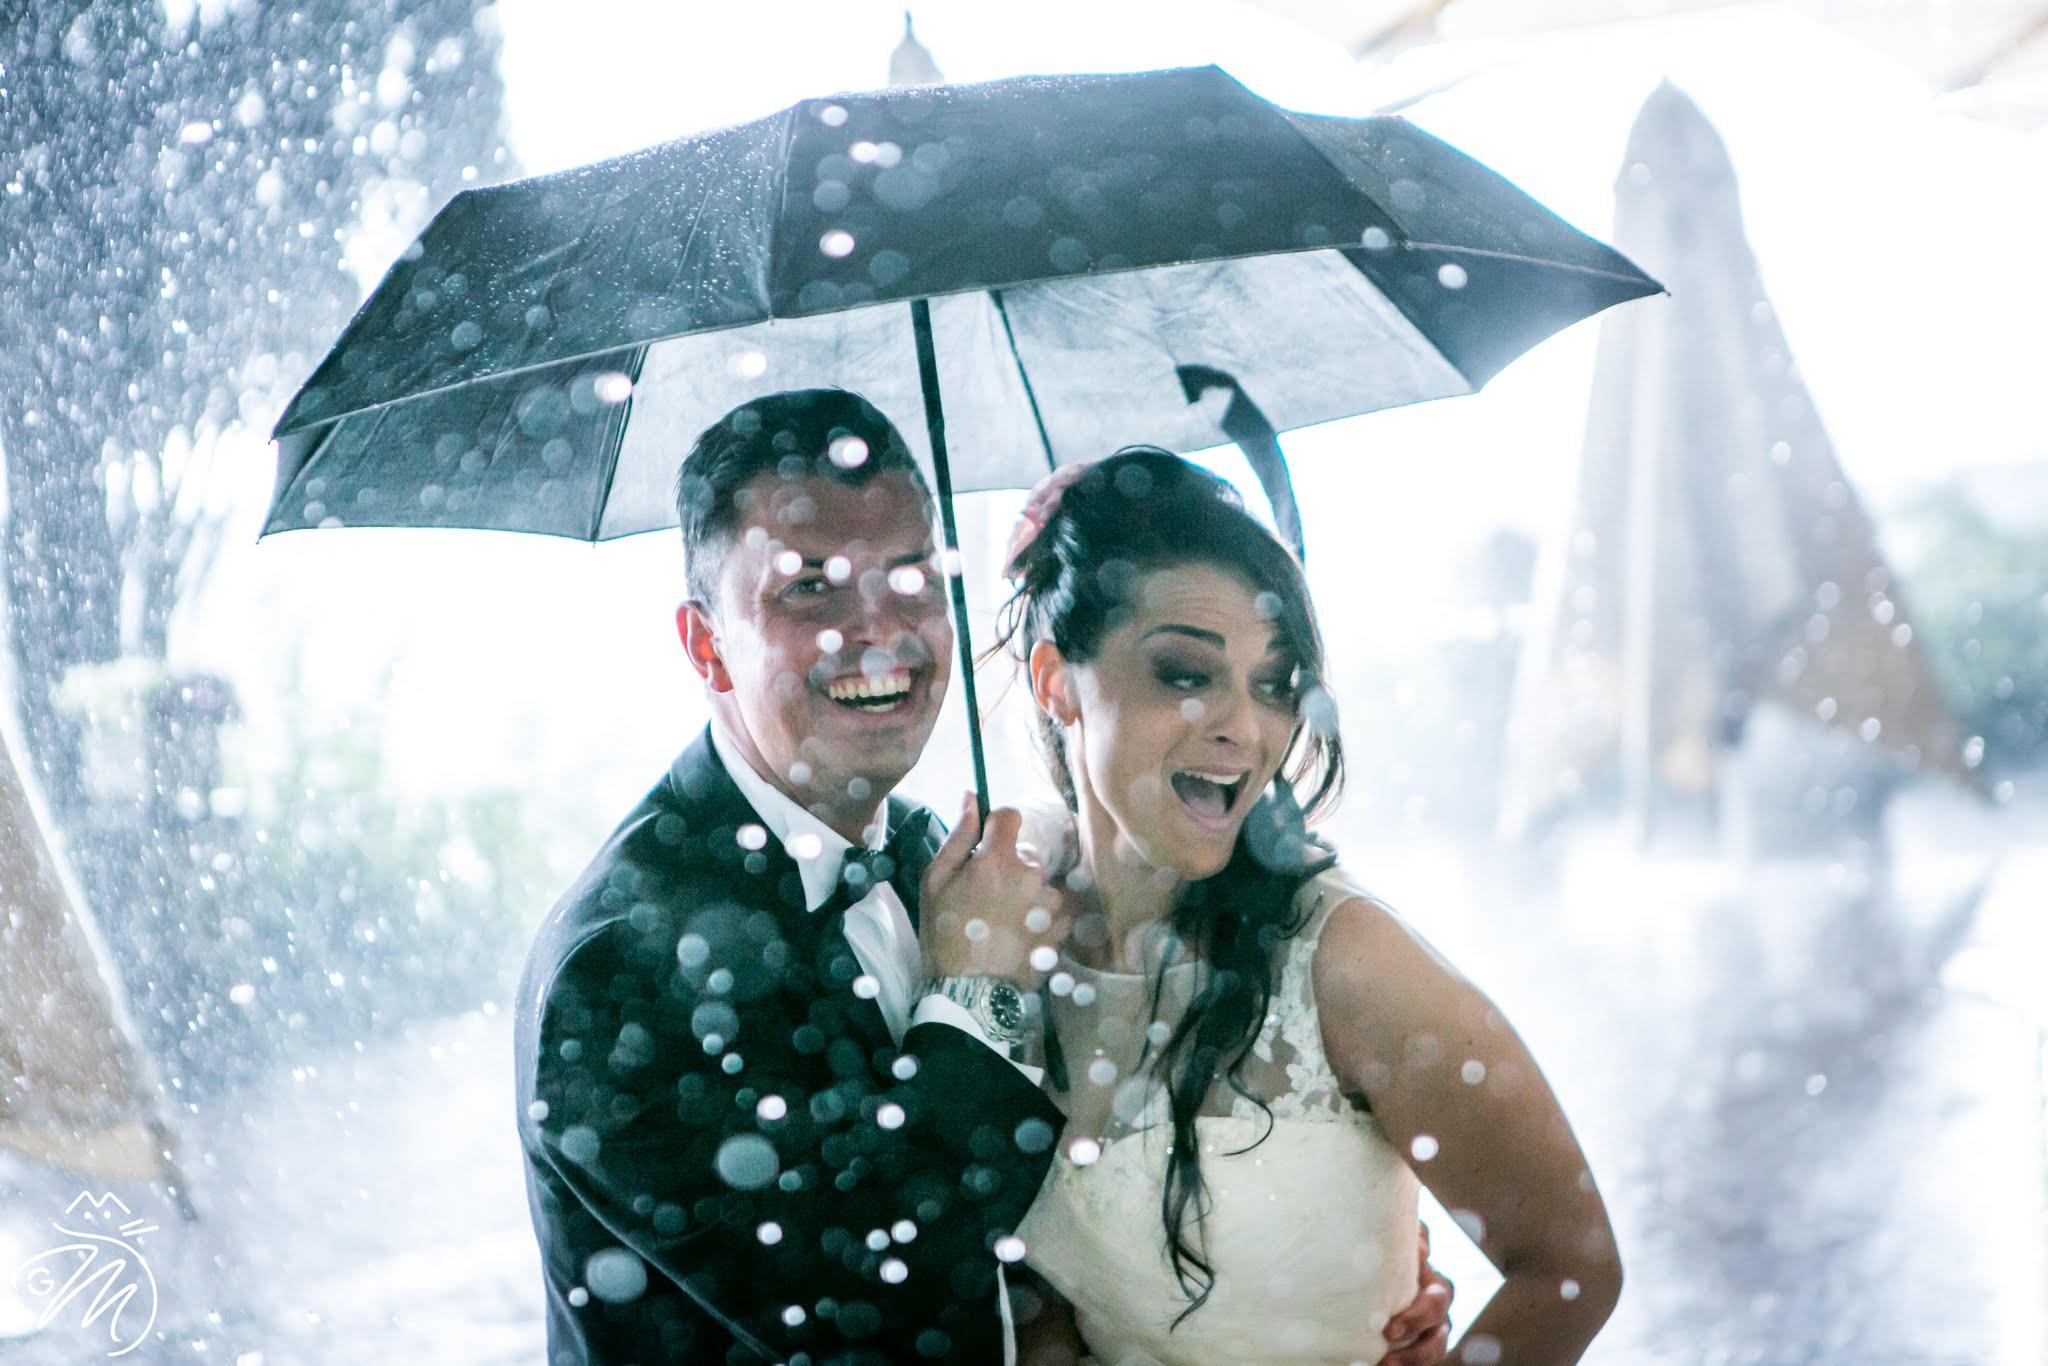 fotografo matrimonio Roma photographer in Italy ORIZZONTALI2_LOGO_-071708144463